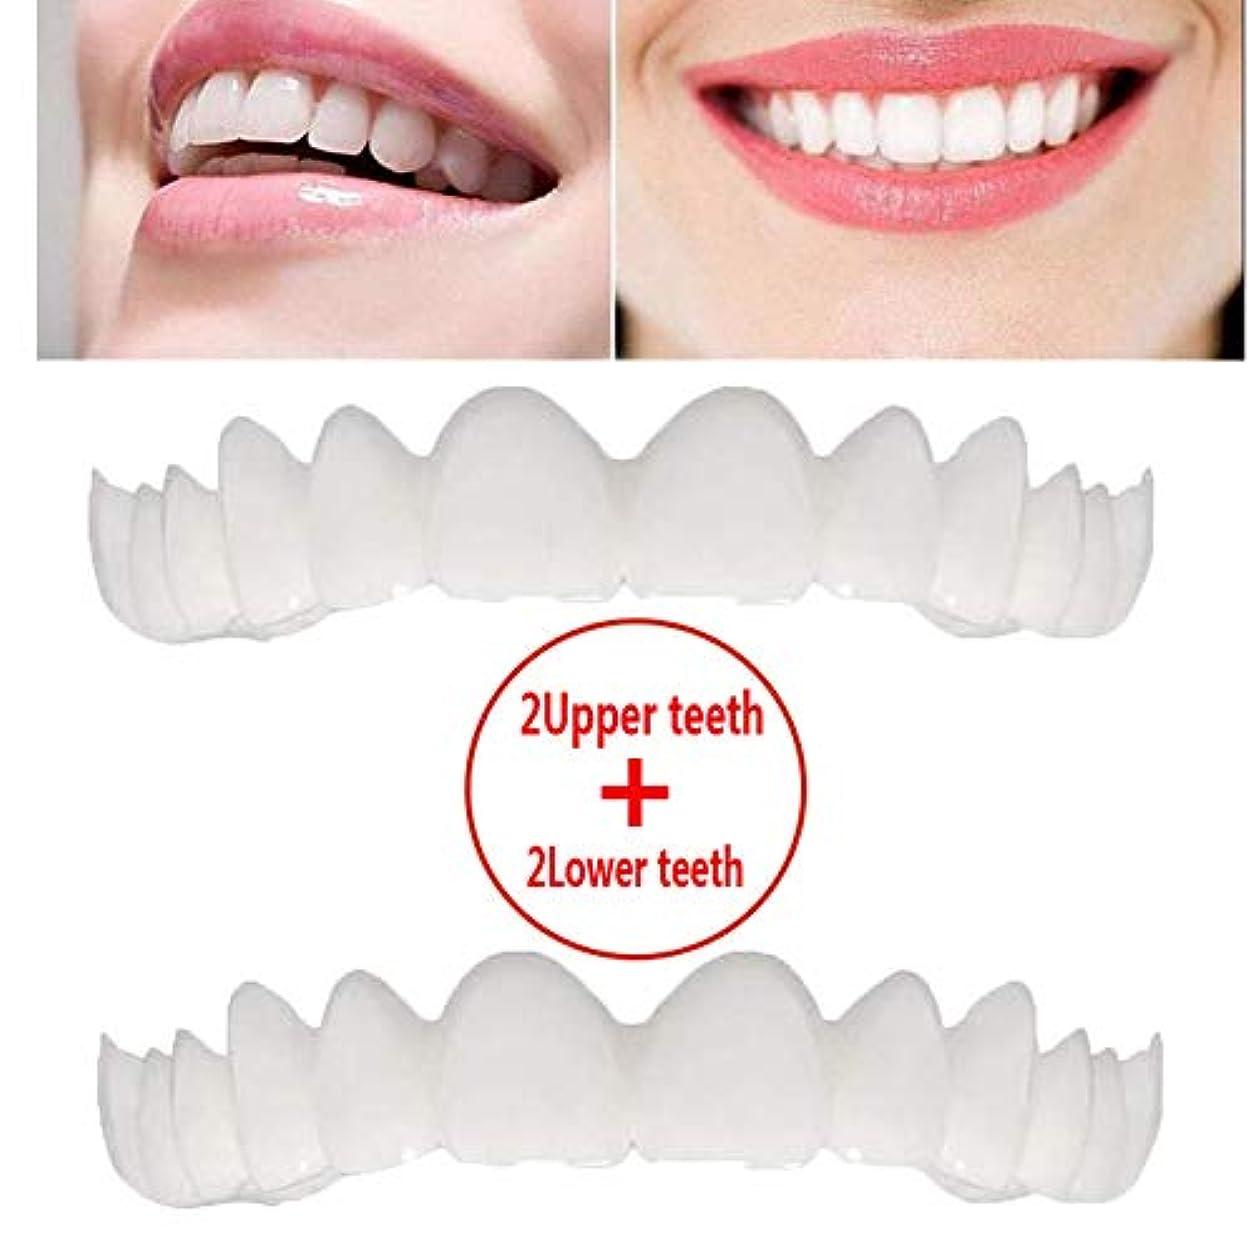 微生物時計壊す2組の一時的な化粧品の歯の義歯の歯の化粧品の模倣されたブレース上部のブレース+下部のブレース